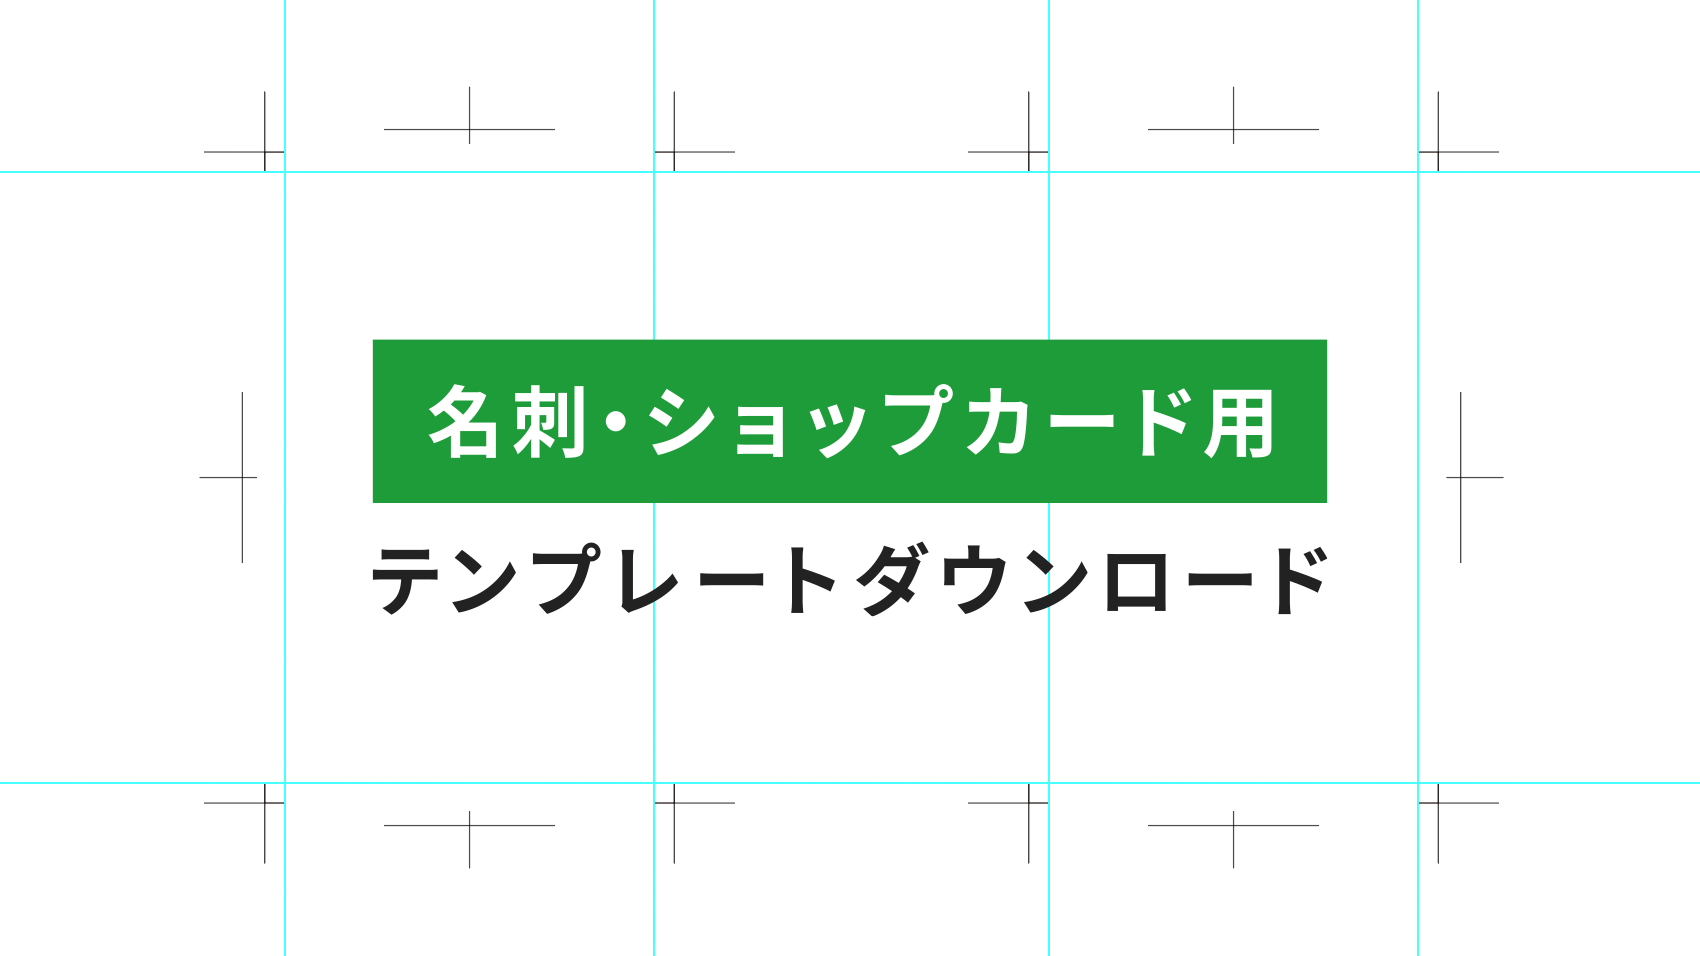 名刺・ショップカード制作用に。縦型、横型トンボ付テンプレダウンロード